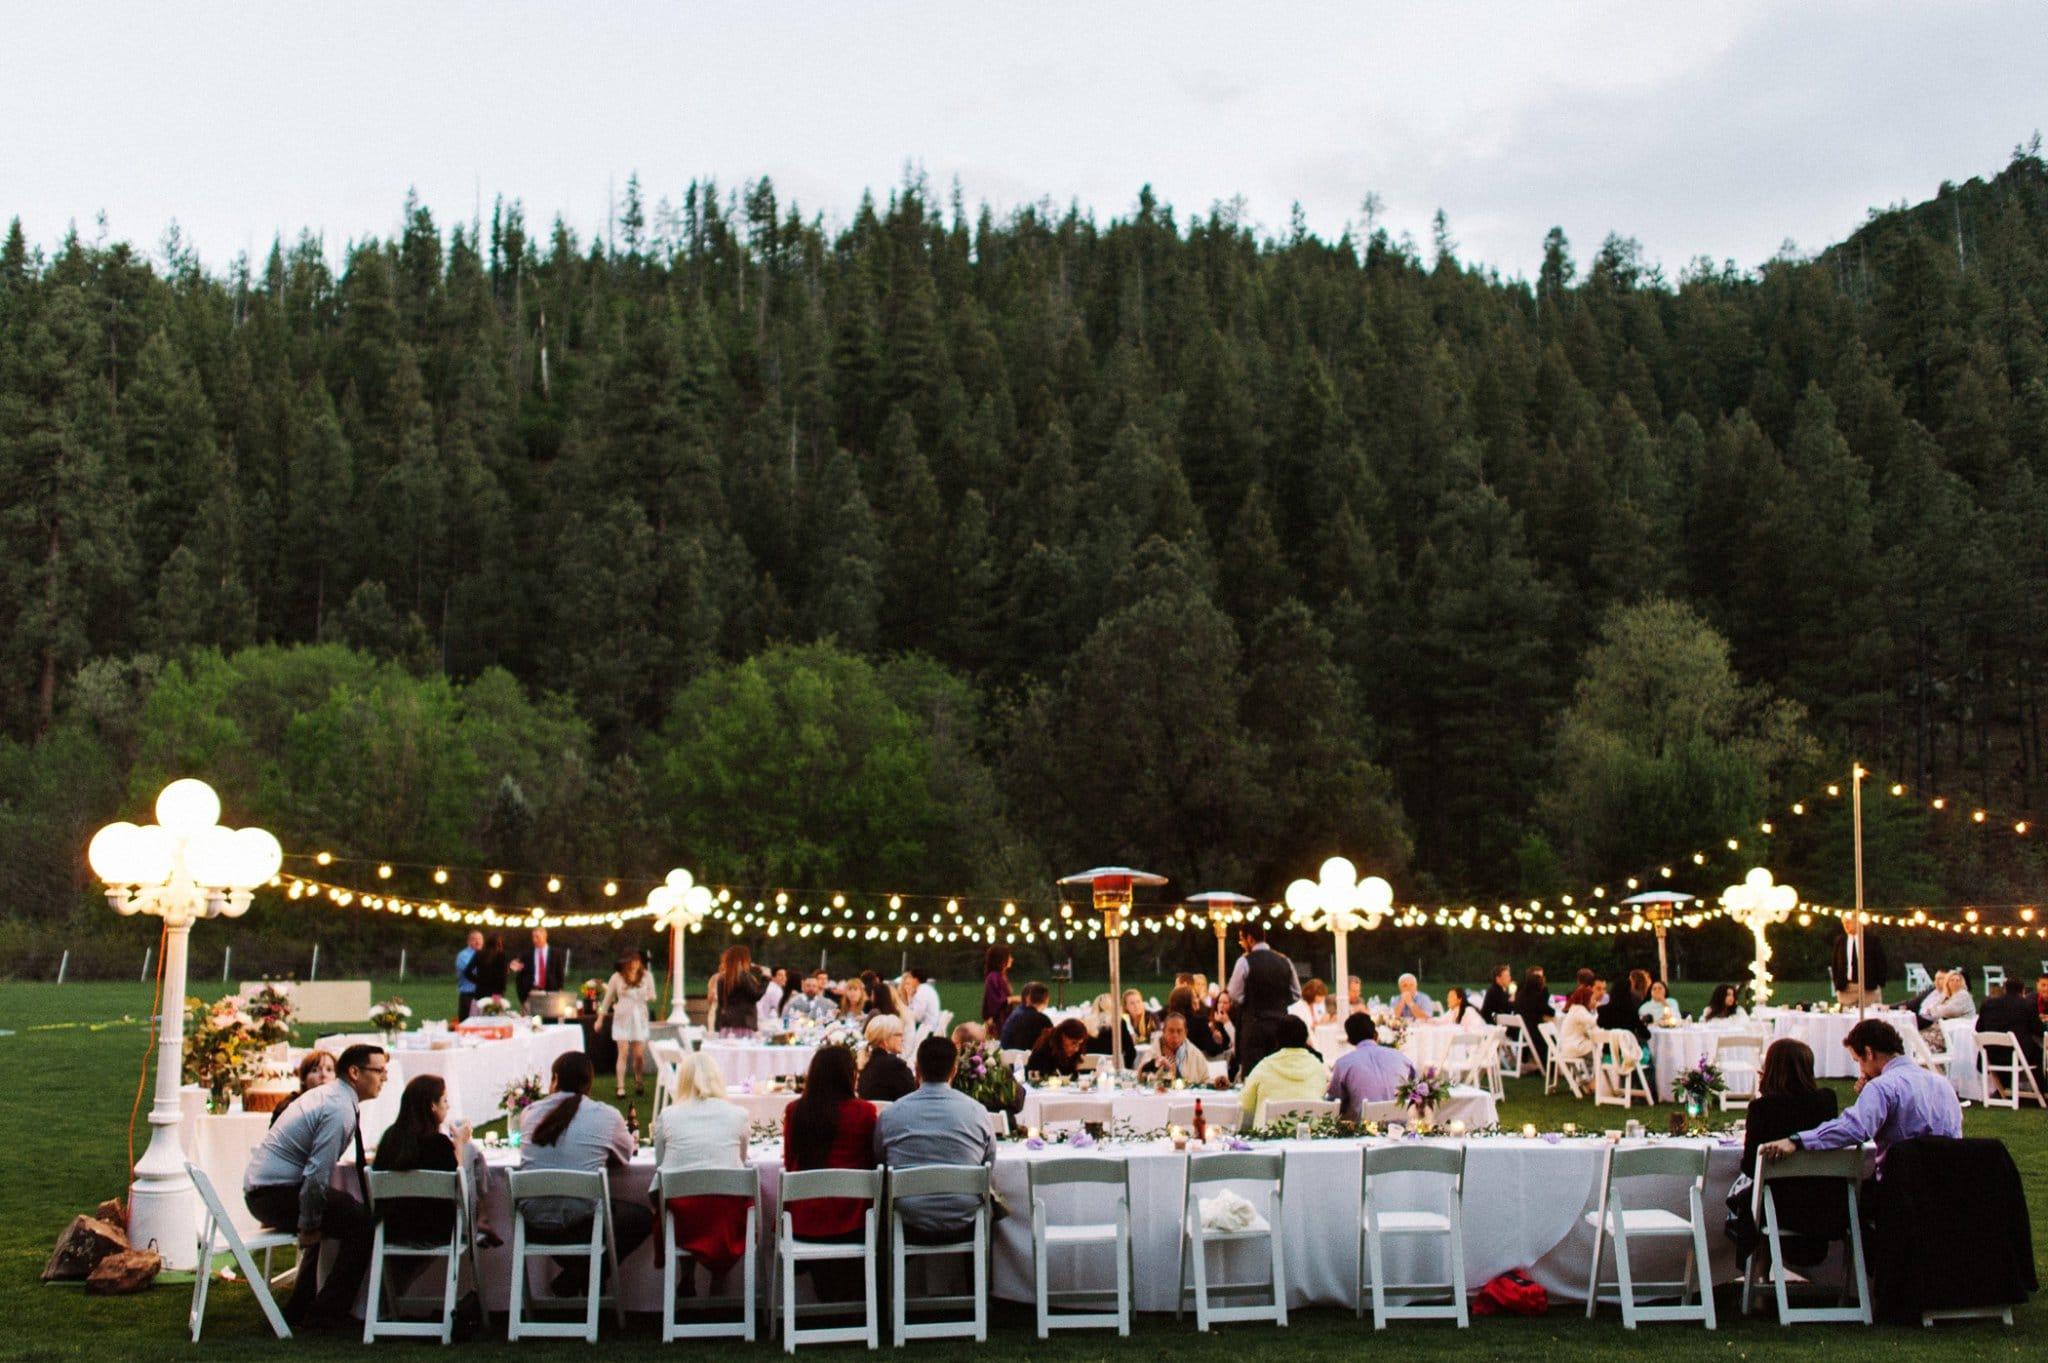 Payson summer camp wedding by Heather Jowett